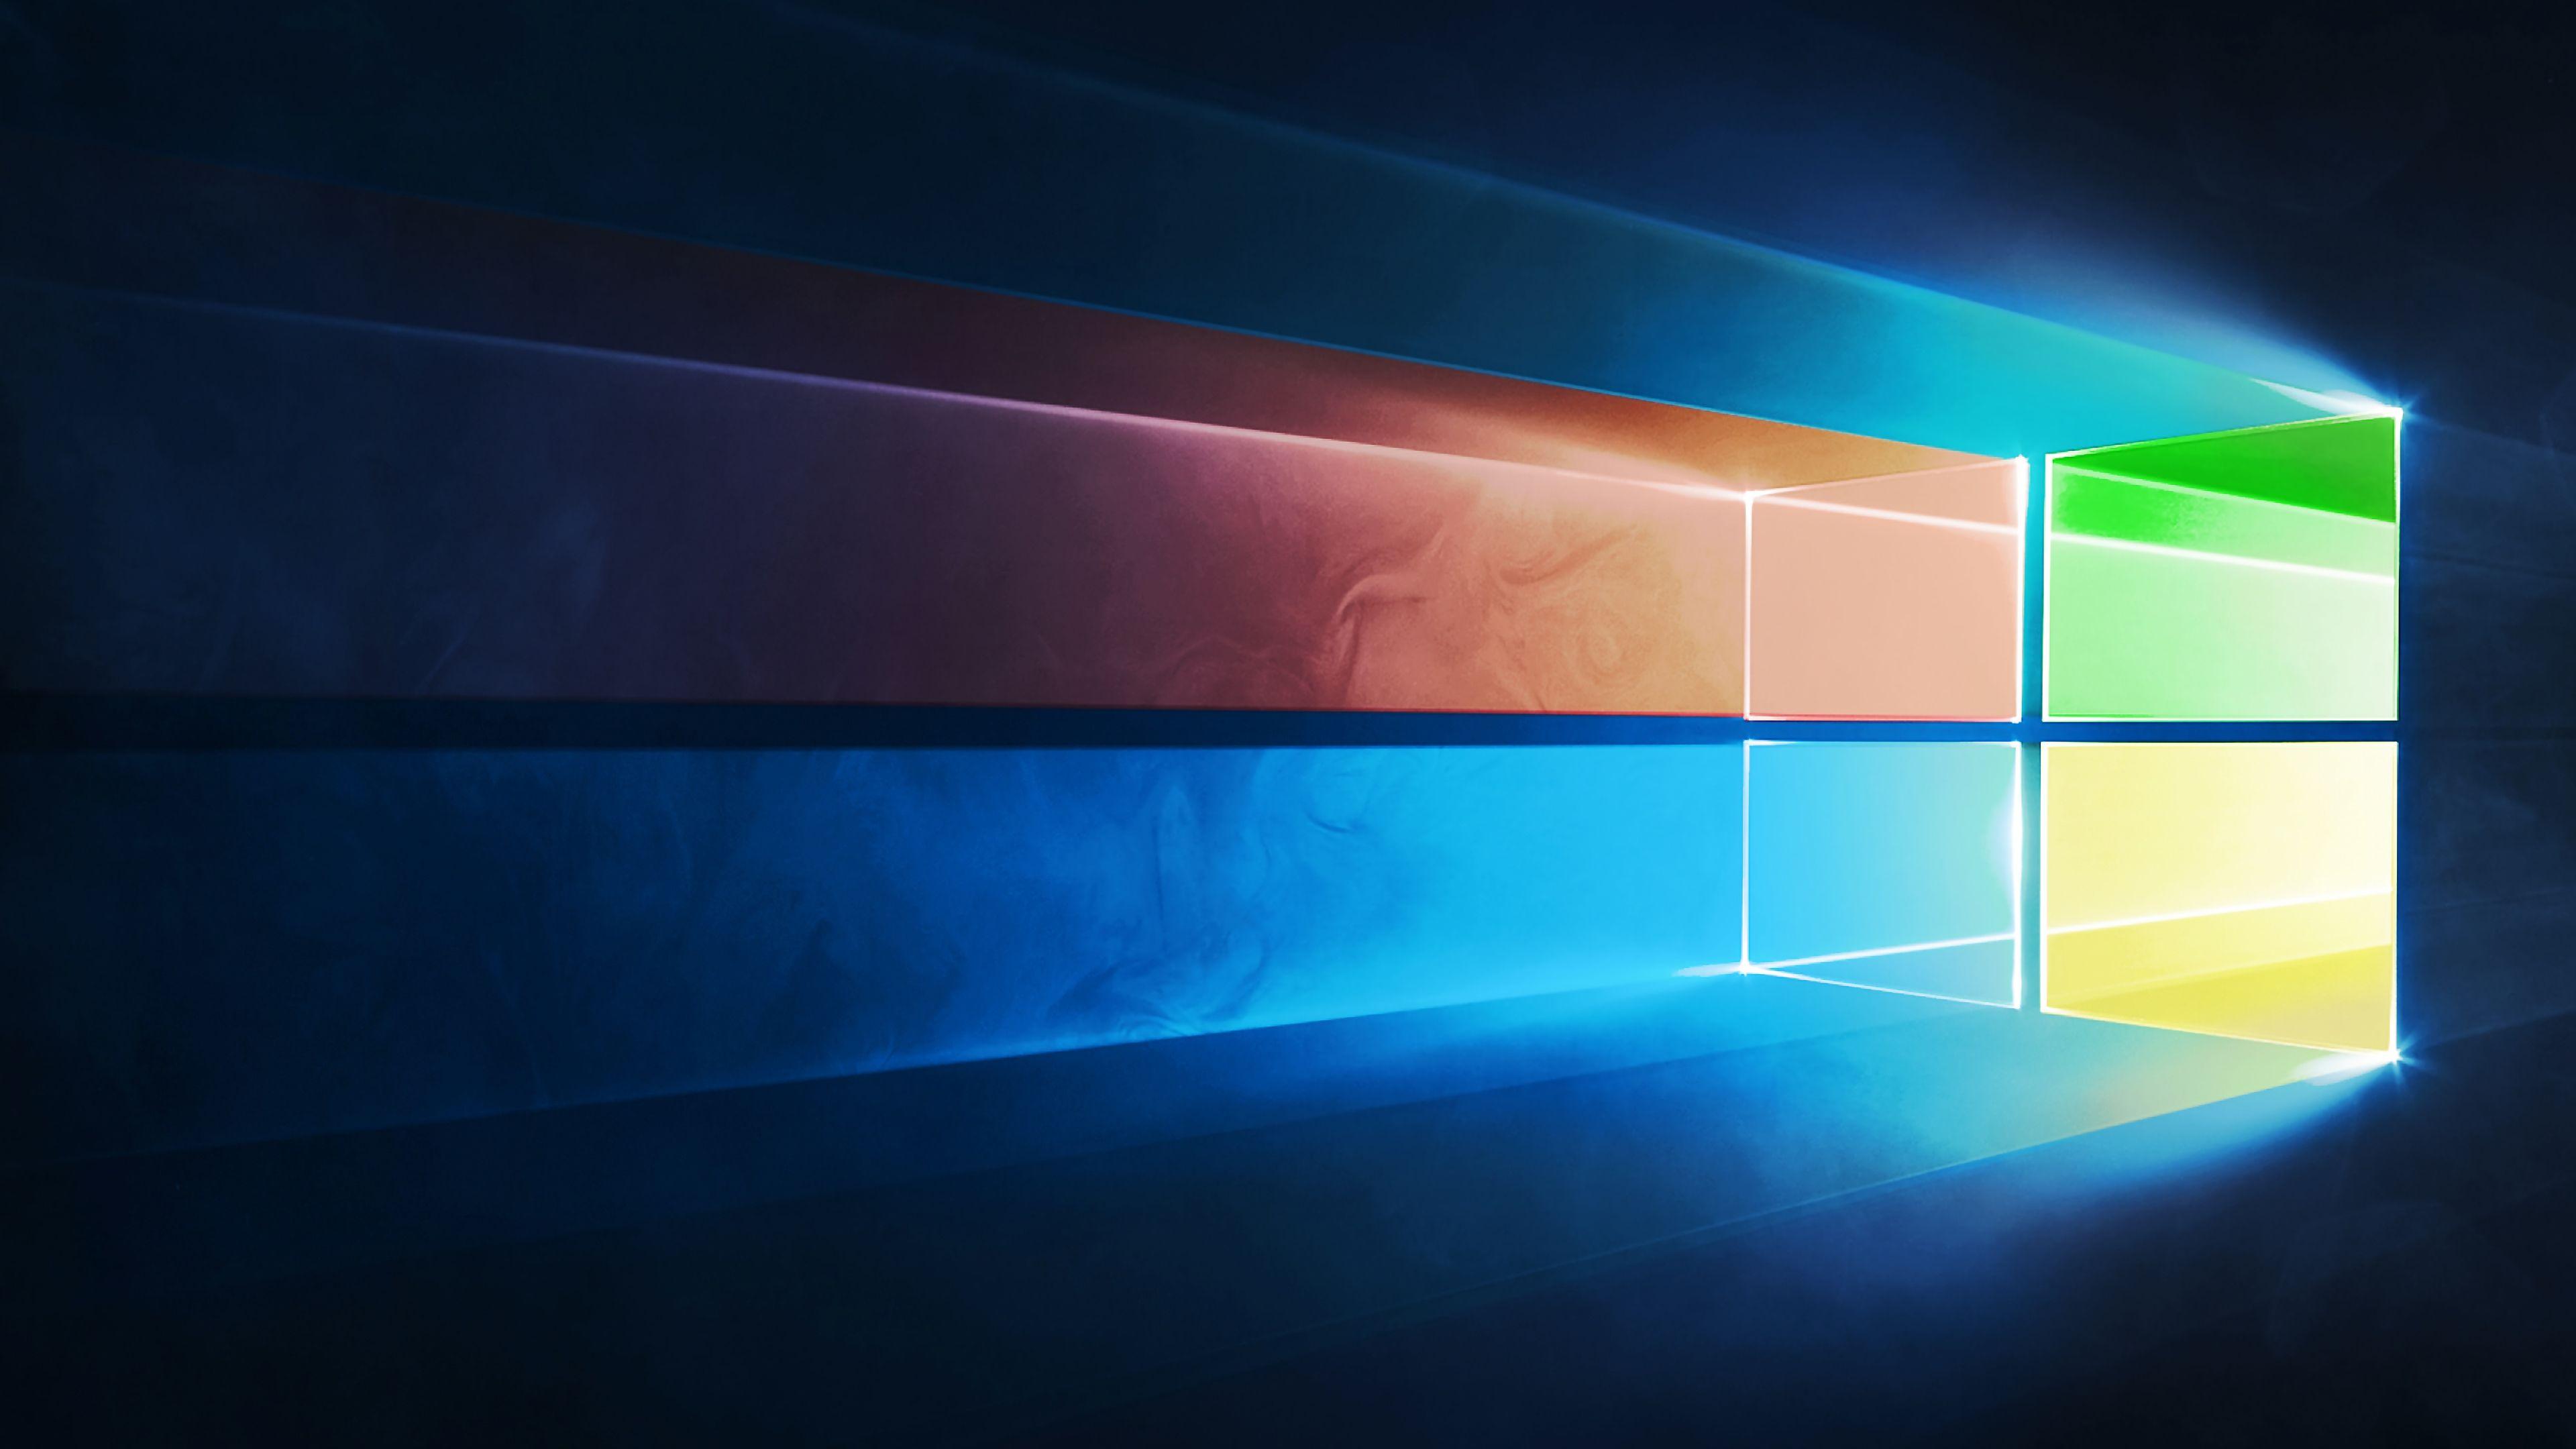 windows wallpaper 4k,blue,light,sky,lighting,line